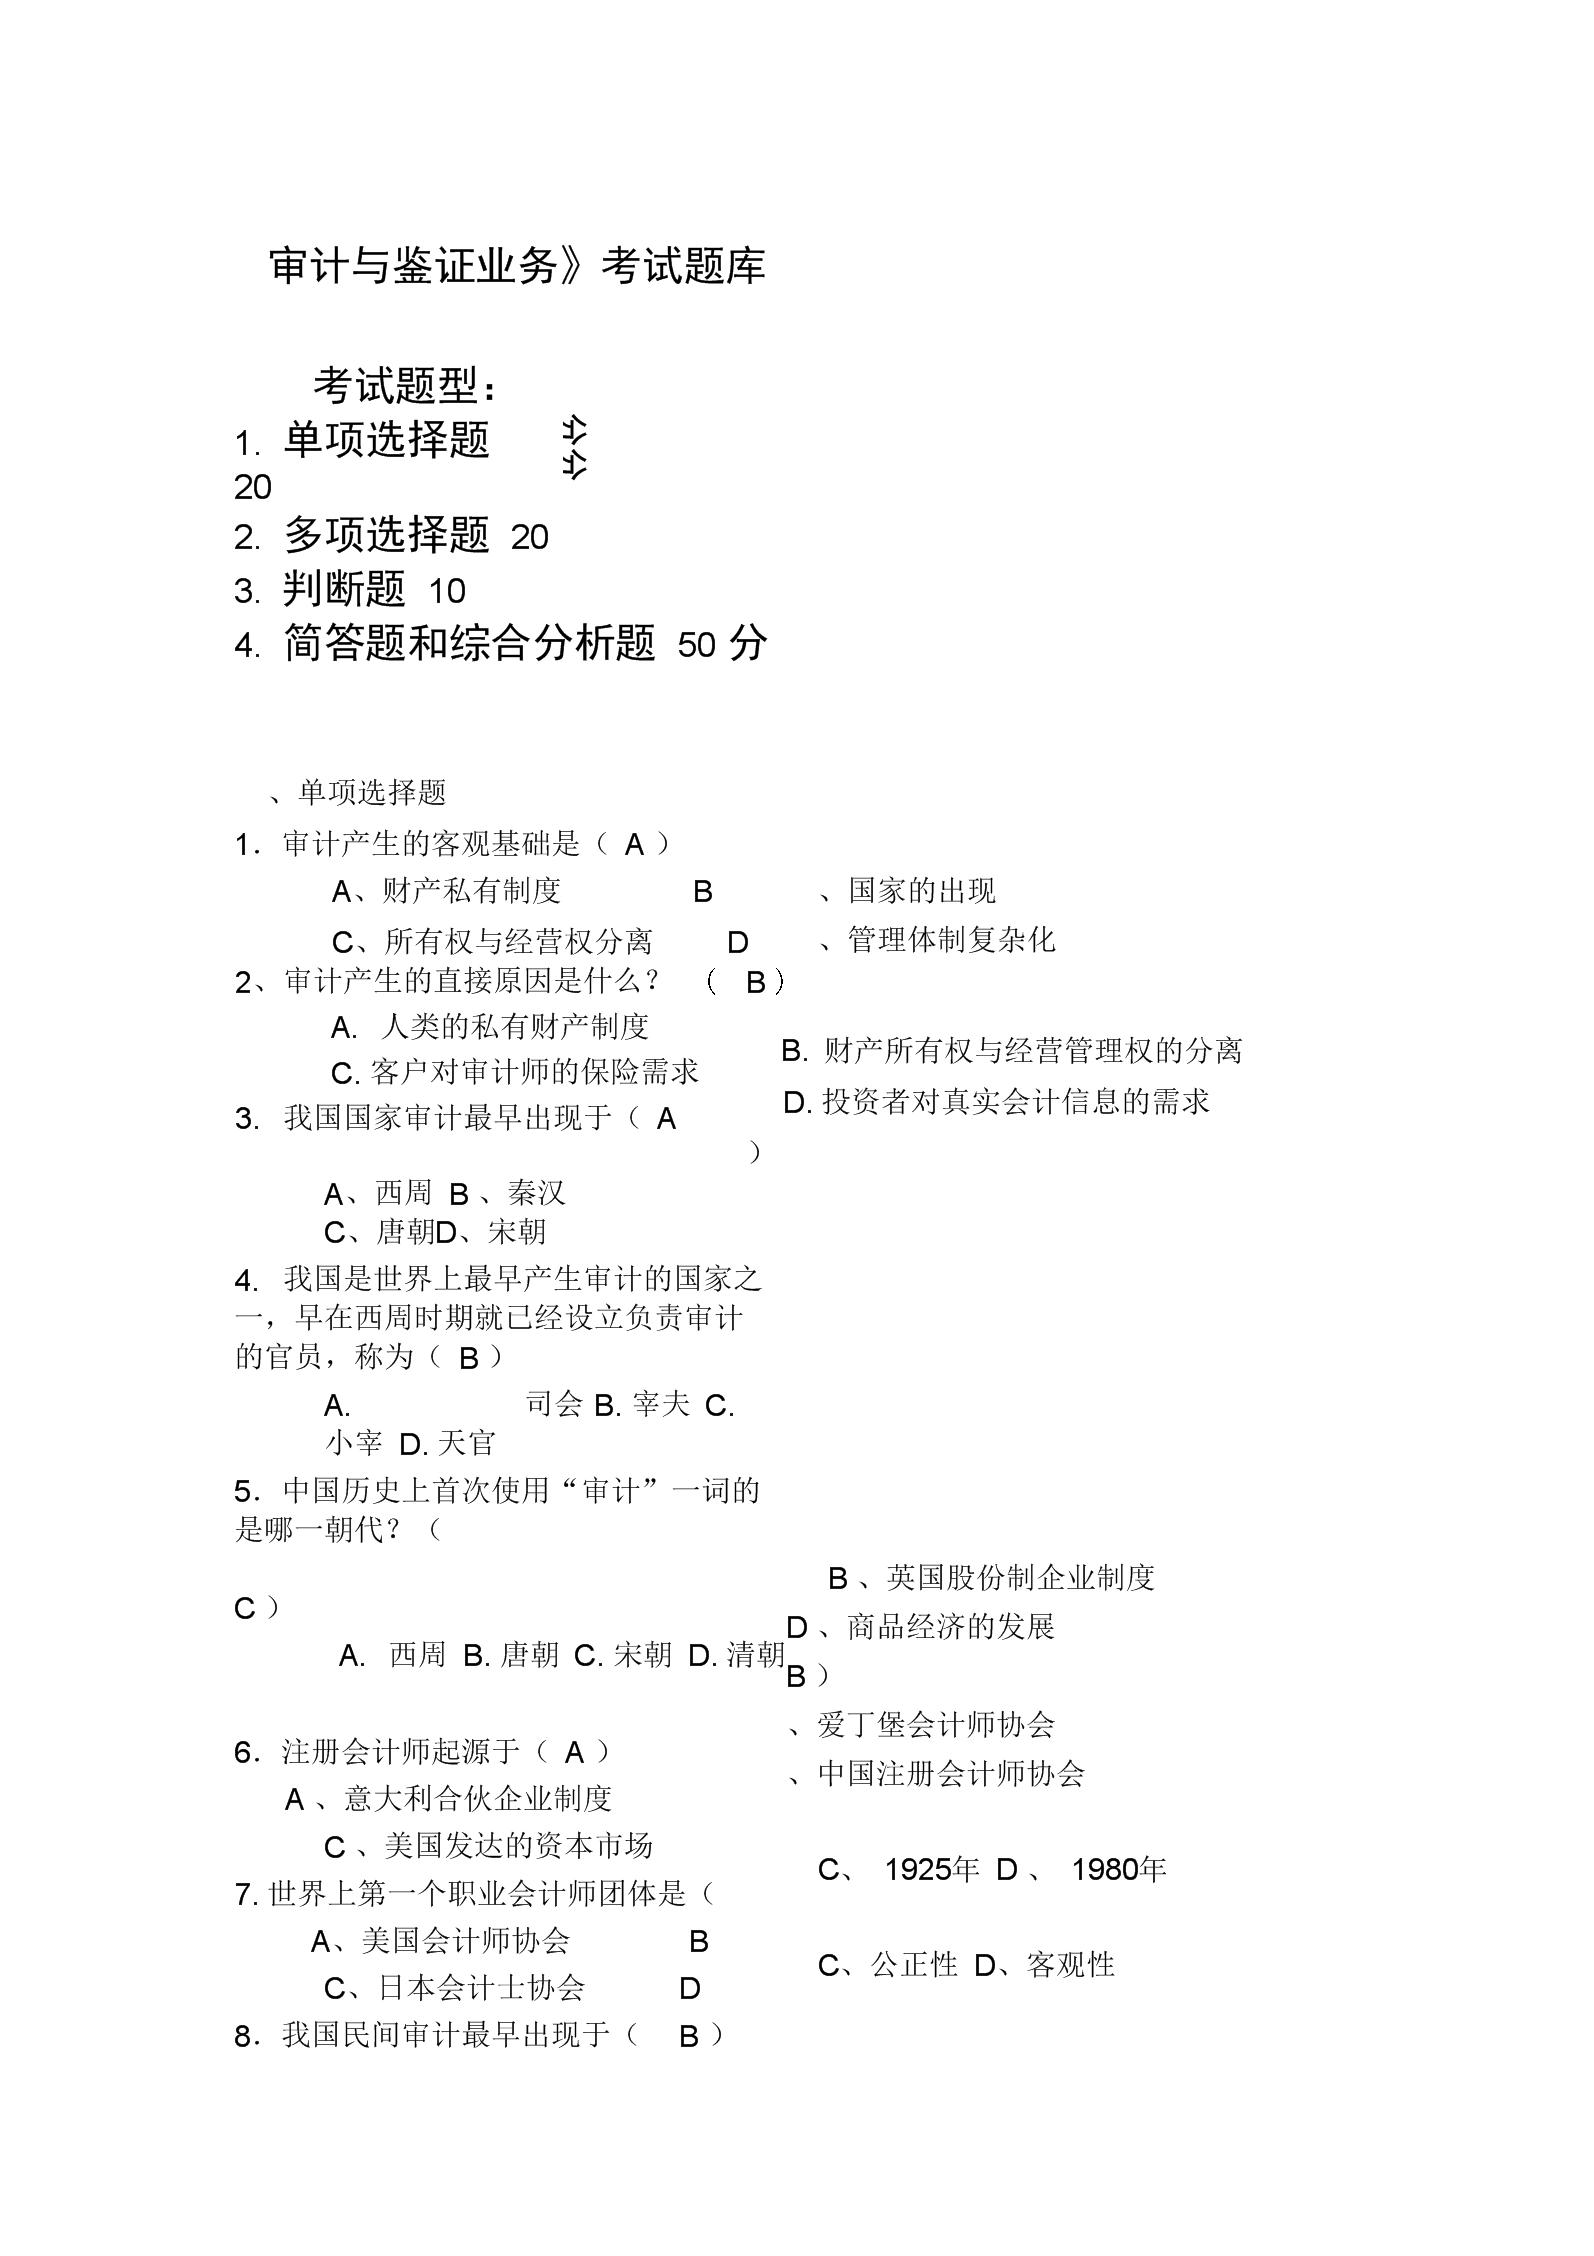 审计与鉴证业务题库 资料.docx